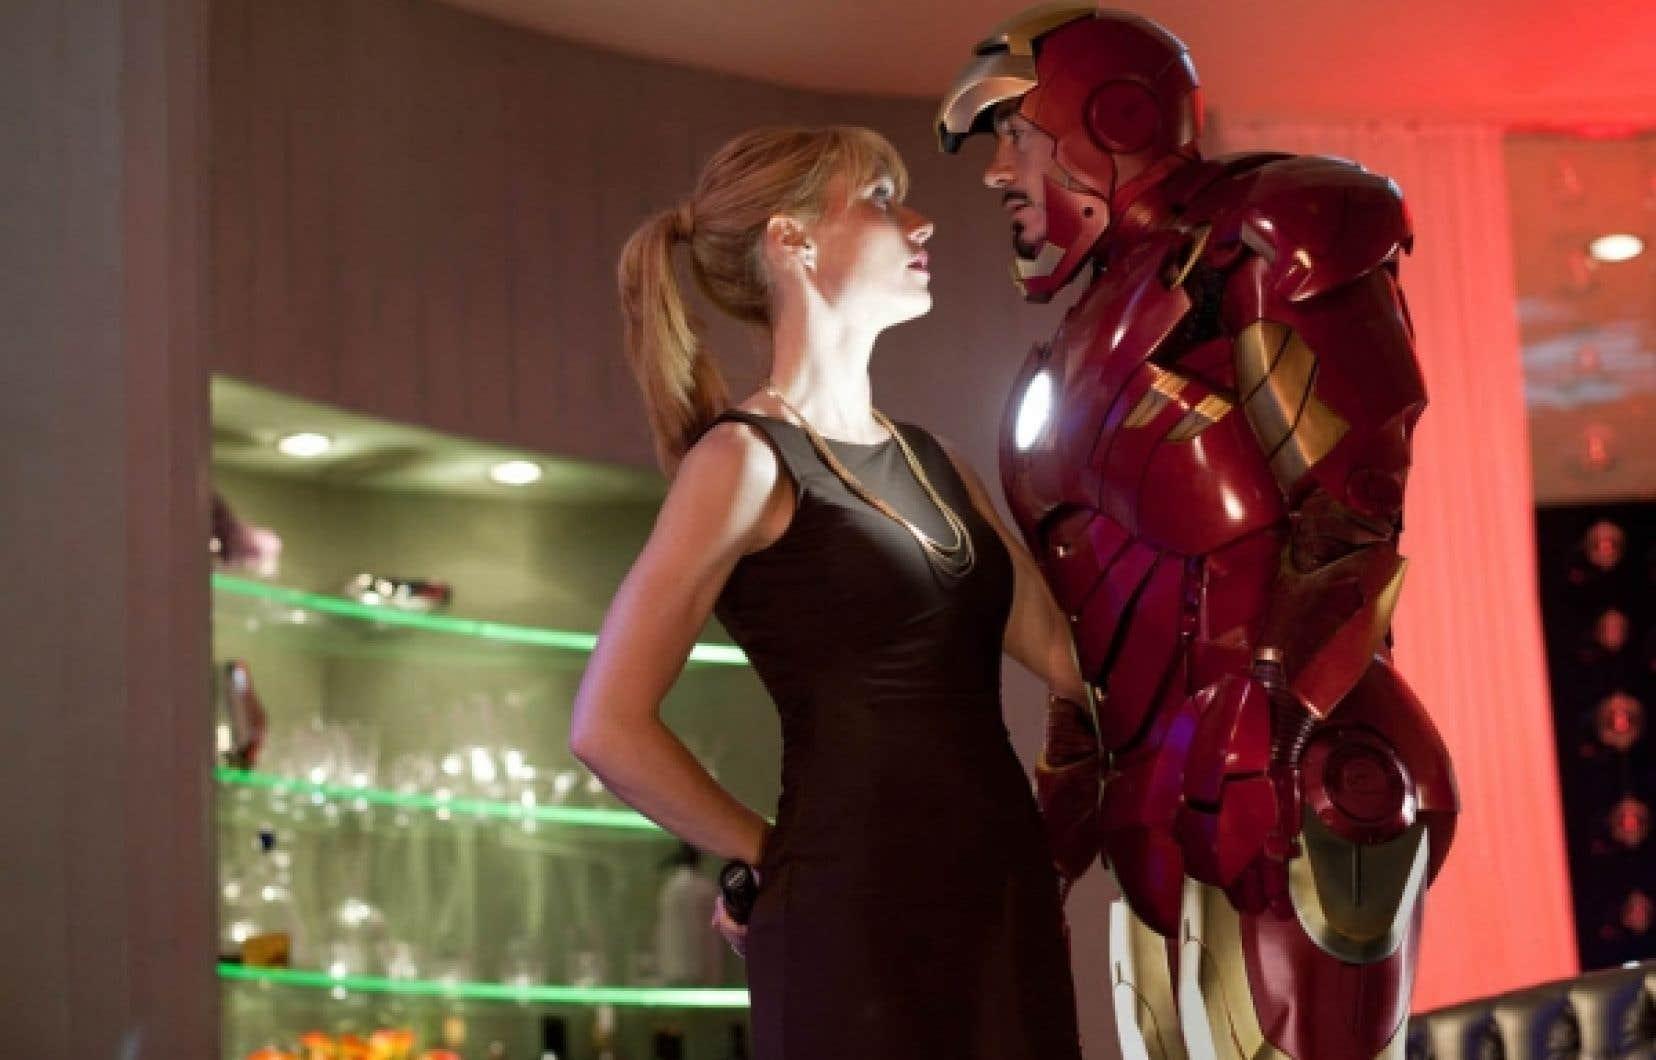 Tony Stark (Robert Downey Jr.) face à son adjointe (Gwyneth Paltrow) qu'il nommera p.-d.g. de son entreprise tel un aveu amoureux...